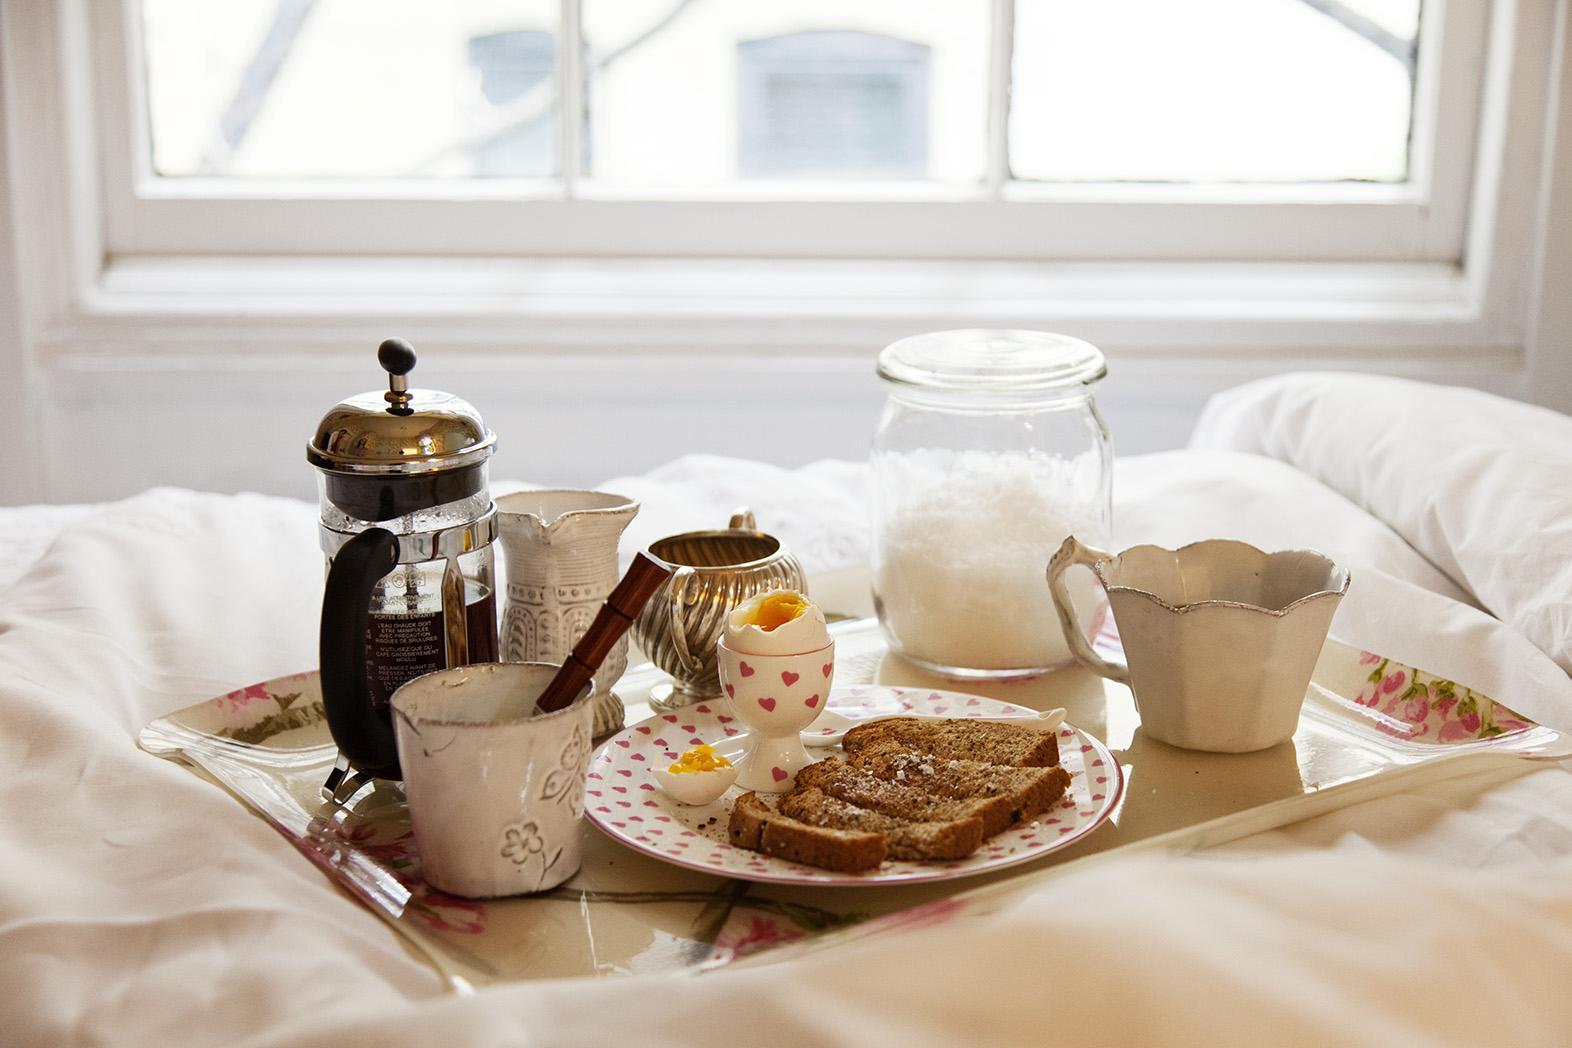 Vintage para cama y desayuno con texto en inglés: